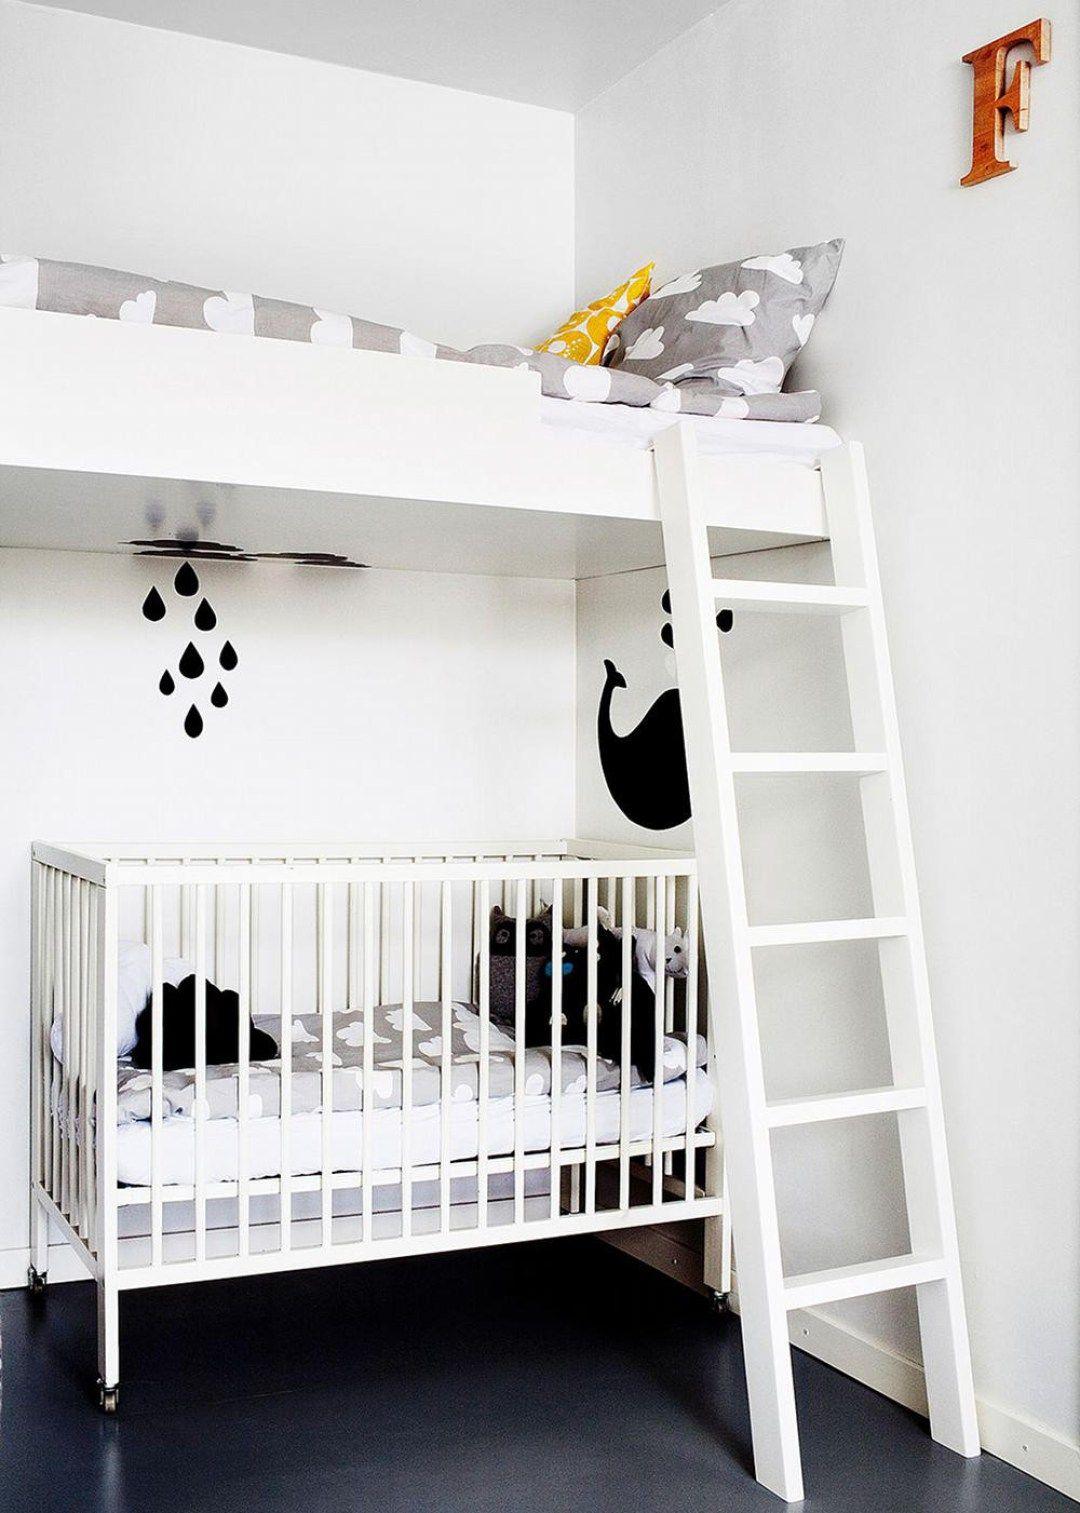 Noir et blanc s 39 invitent dans la chambre d 39 enfant chambre b b chambre enfant inspiration - Chambre d enfant mixte ...